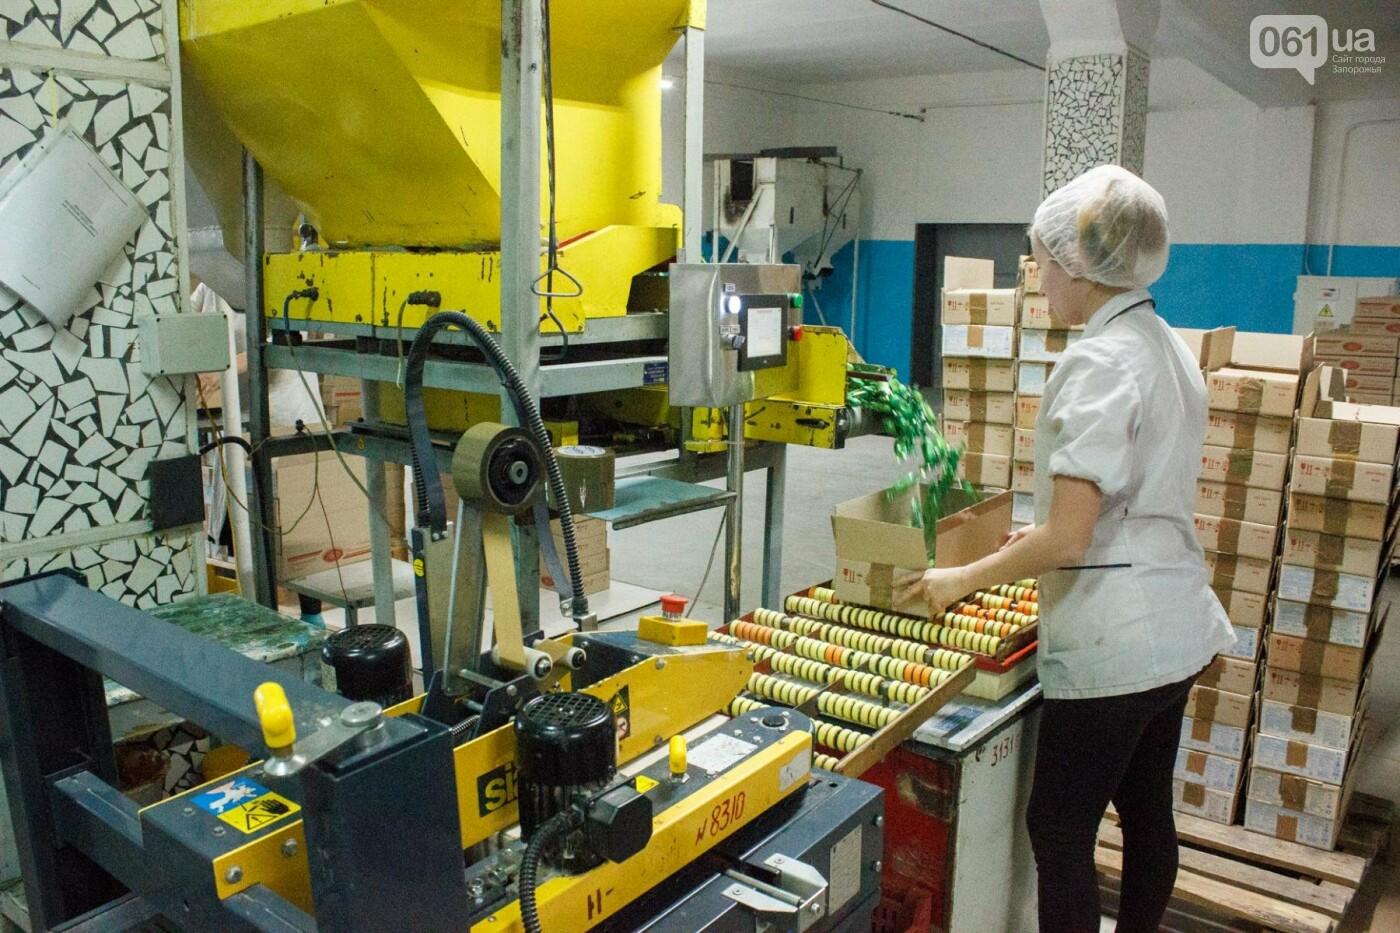 Как в Запорожье делают конфеты: экскурсия на кондитерскую фабрику, – ФОТОРЕПОРТАЖ, фото-33